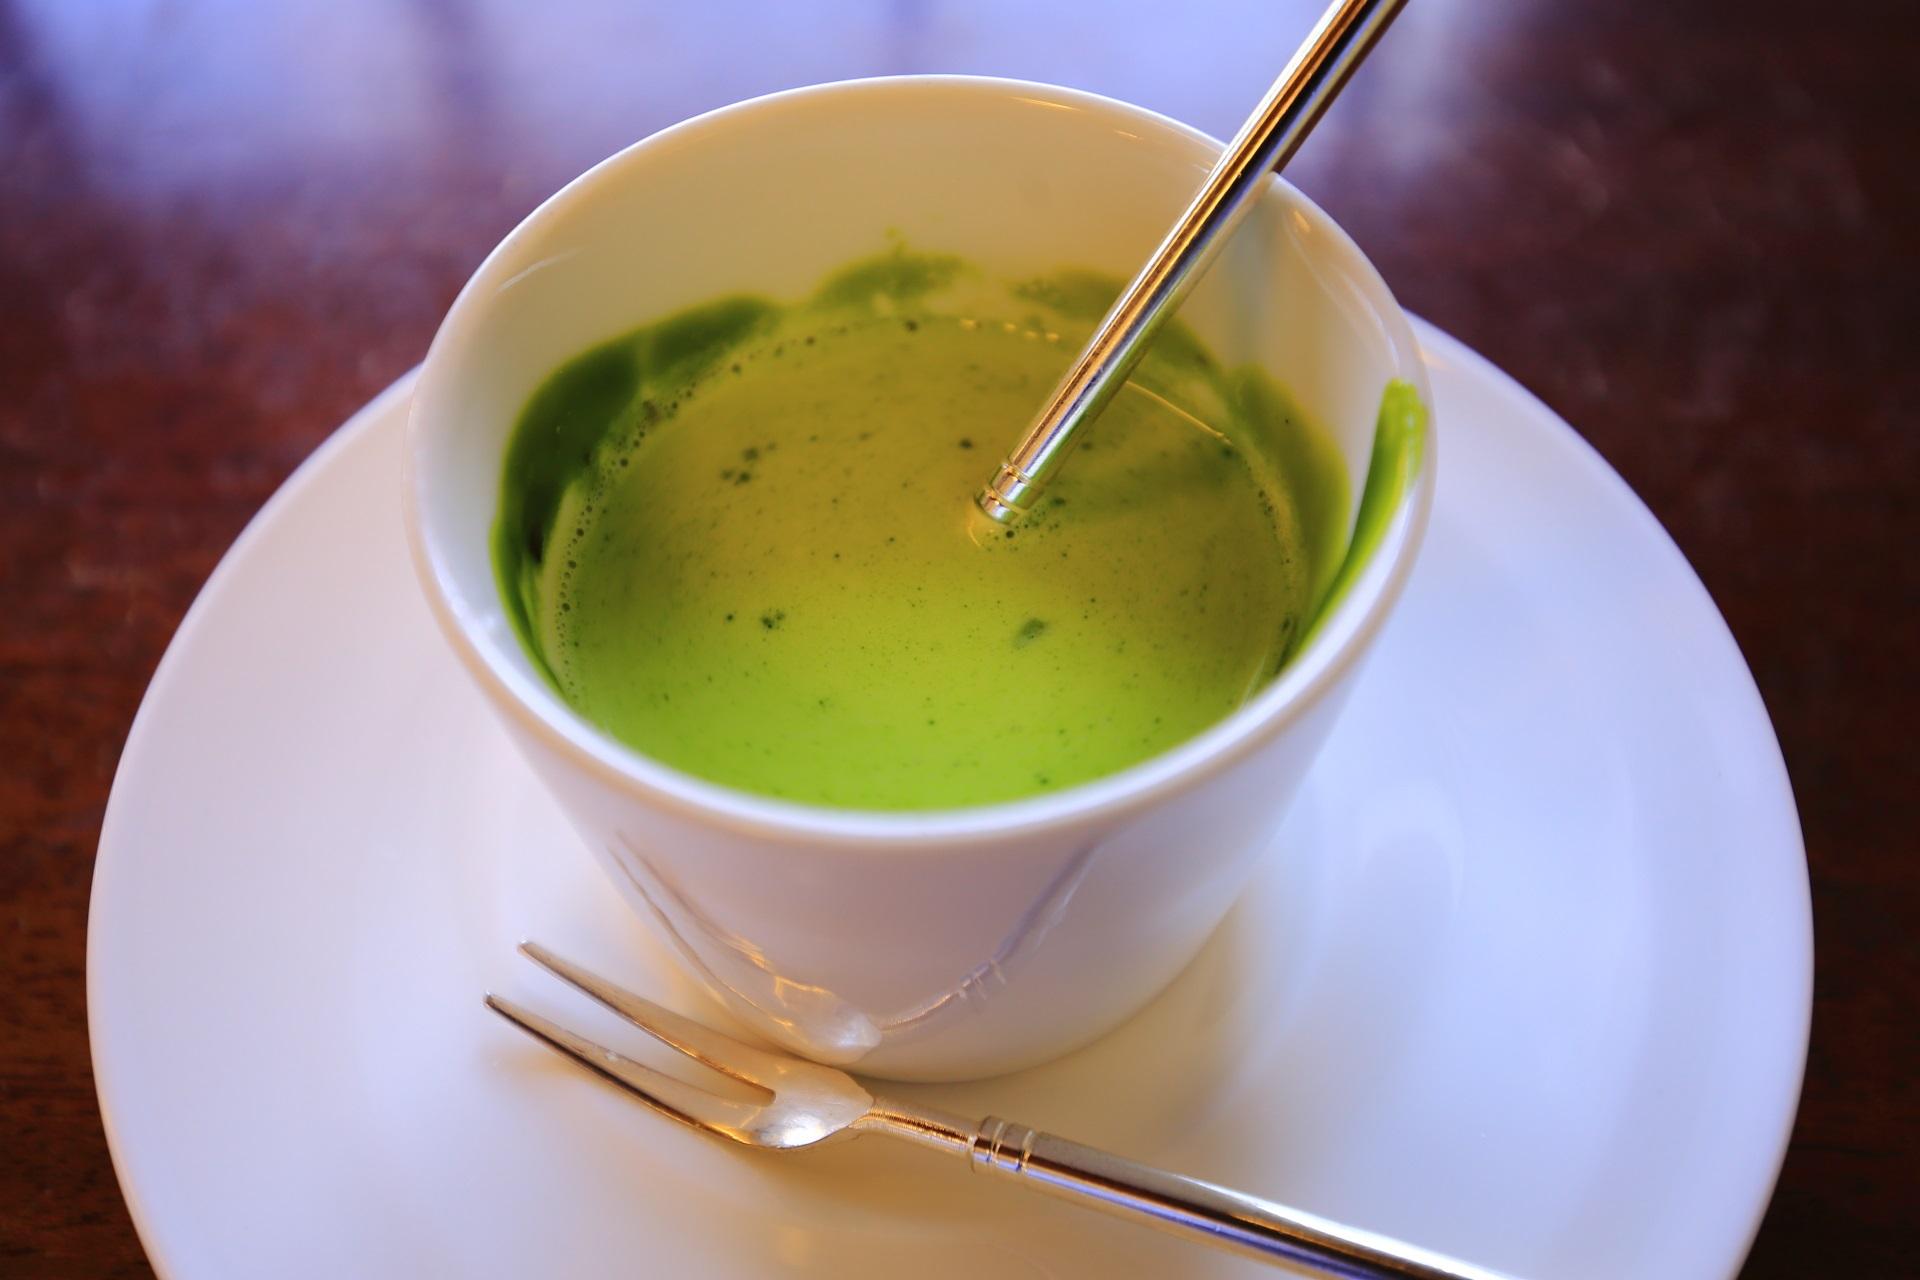 抹茶ミルク 祇園フォンデュ ジュヴァンセル